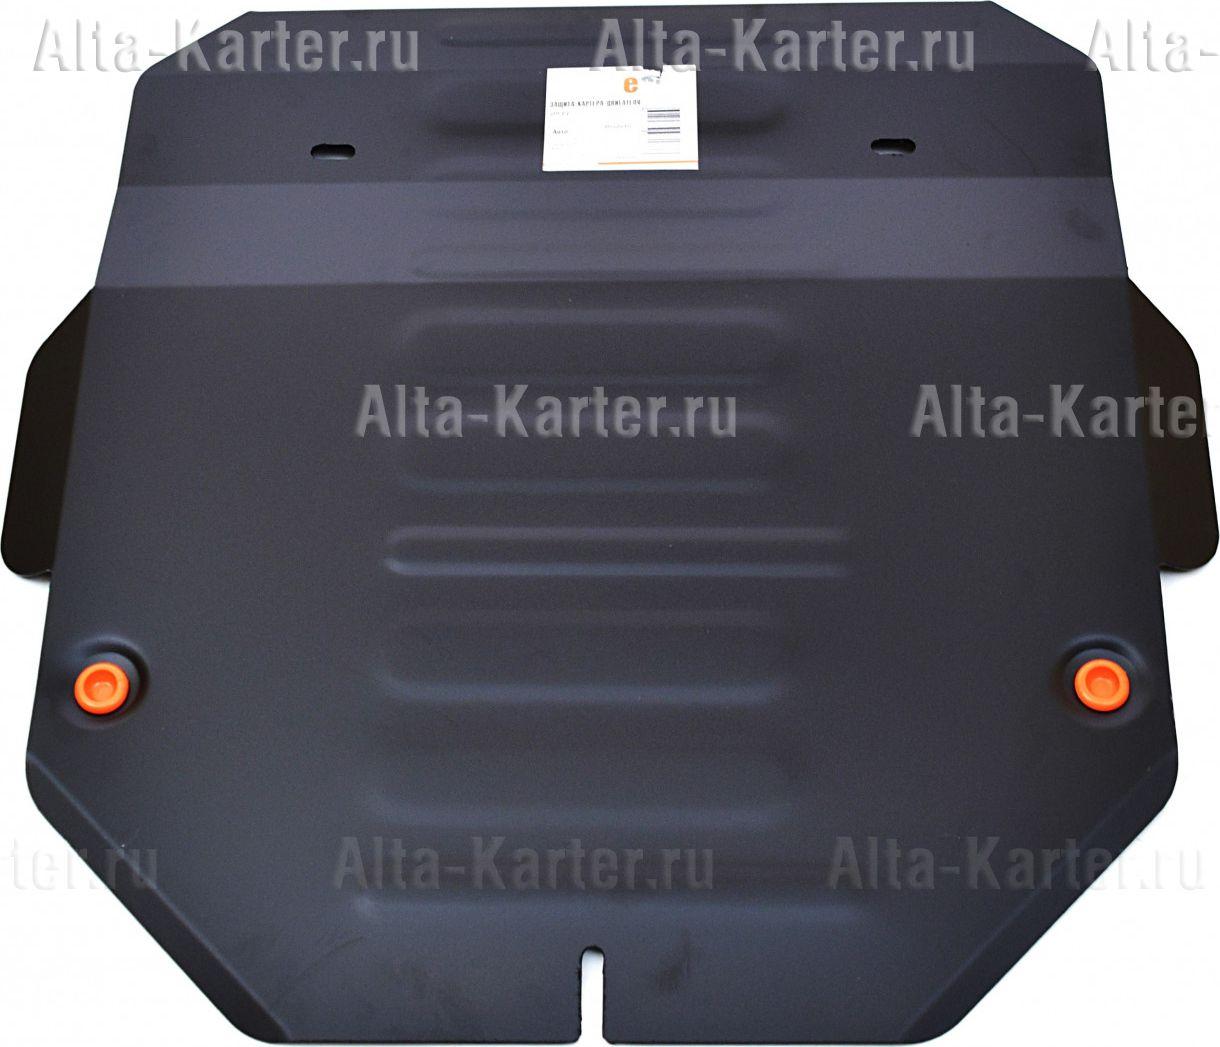 Защита Alfeco для картера и КПП Honda Fit I 2001-2008. Артикул ALF.09.13